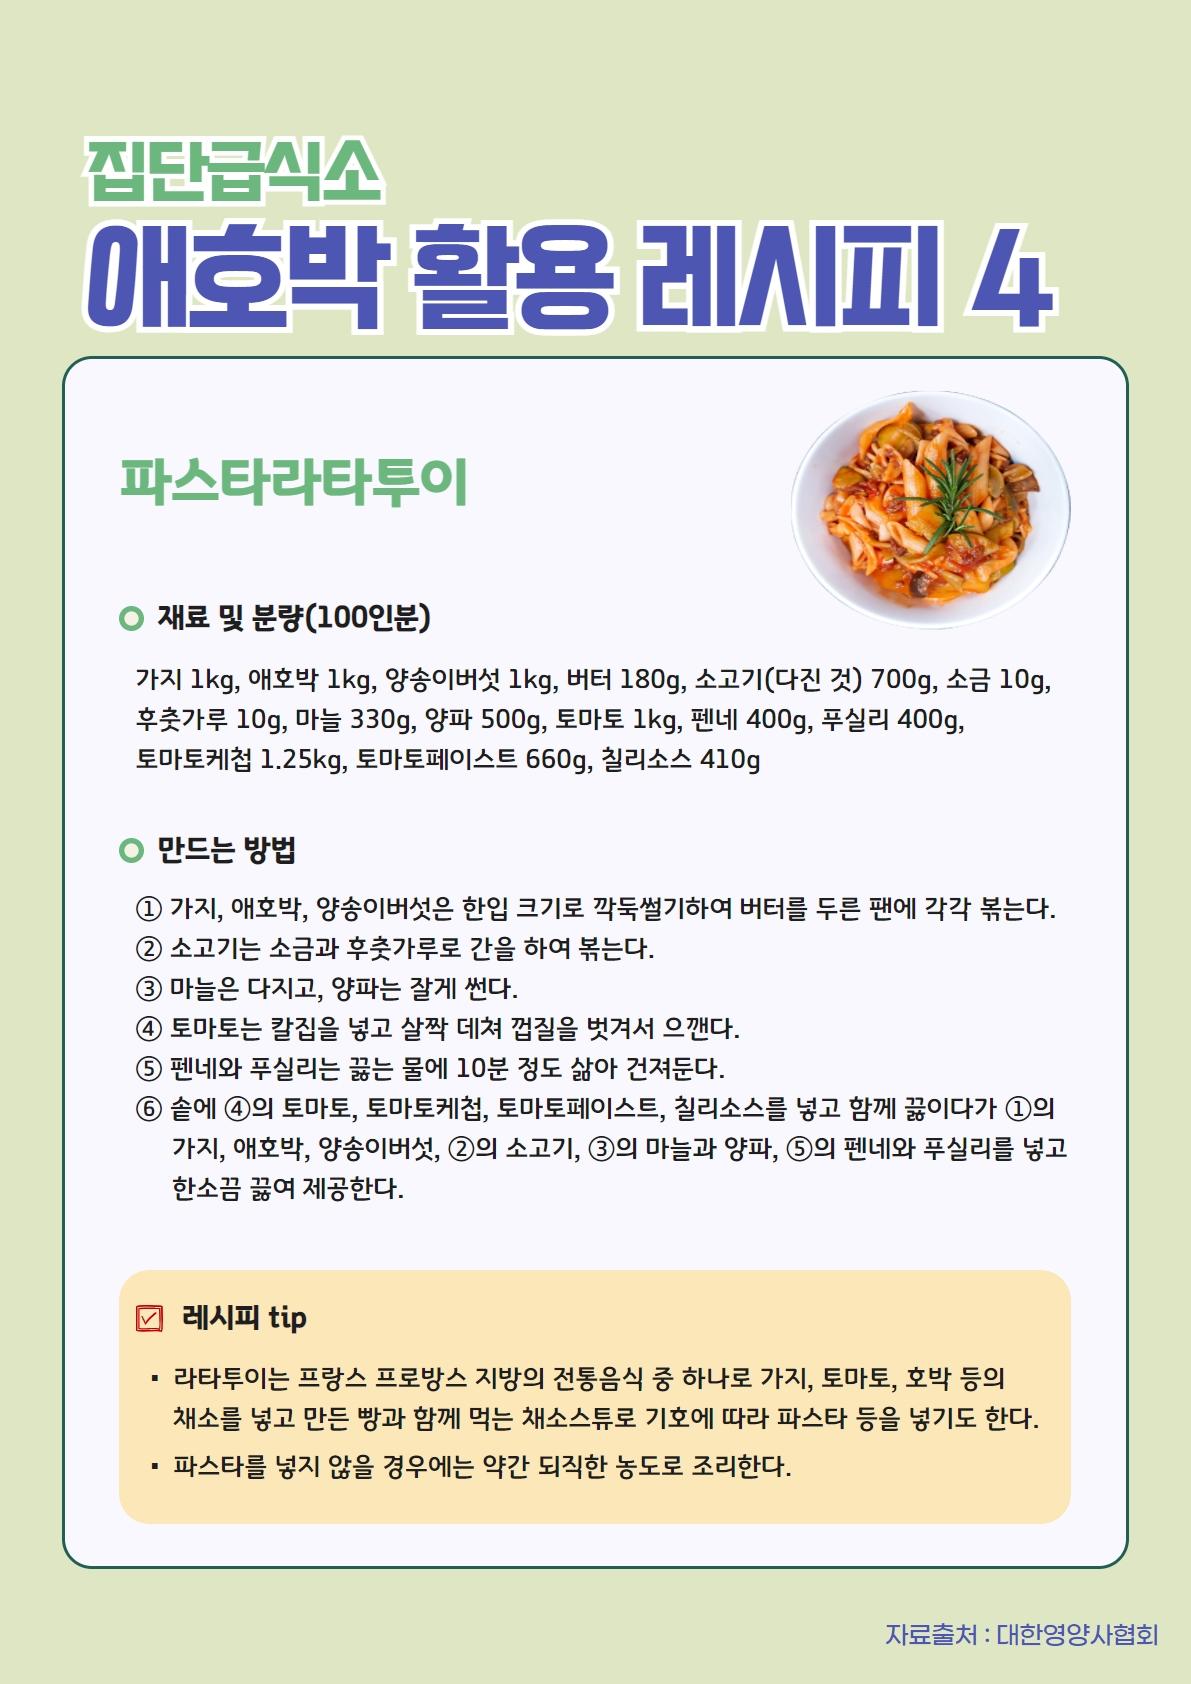 애호박 소비촉진 캠페인 - 마파두부 제육덮밥과 파스타라타투이